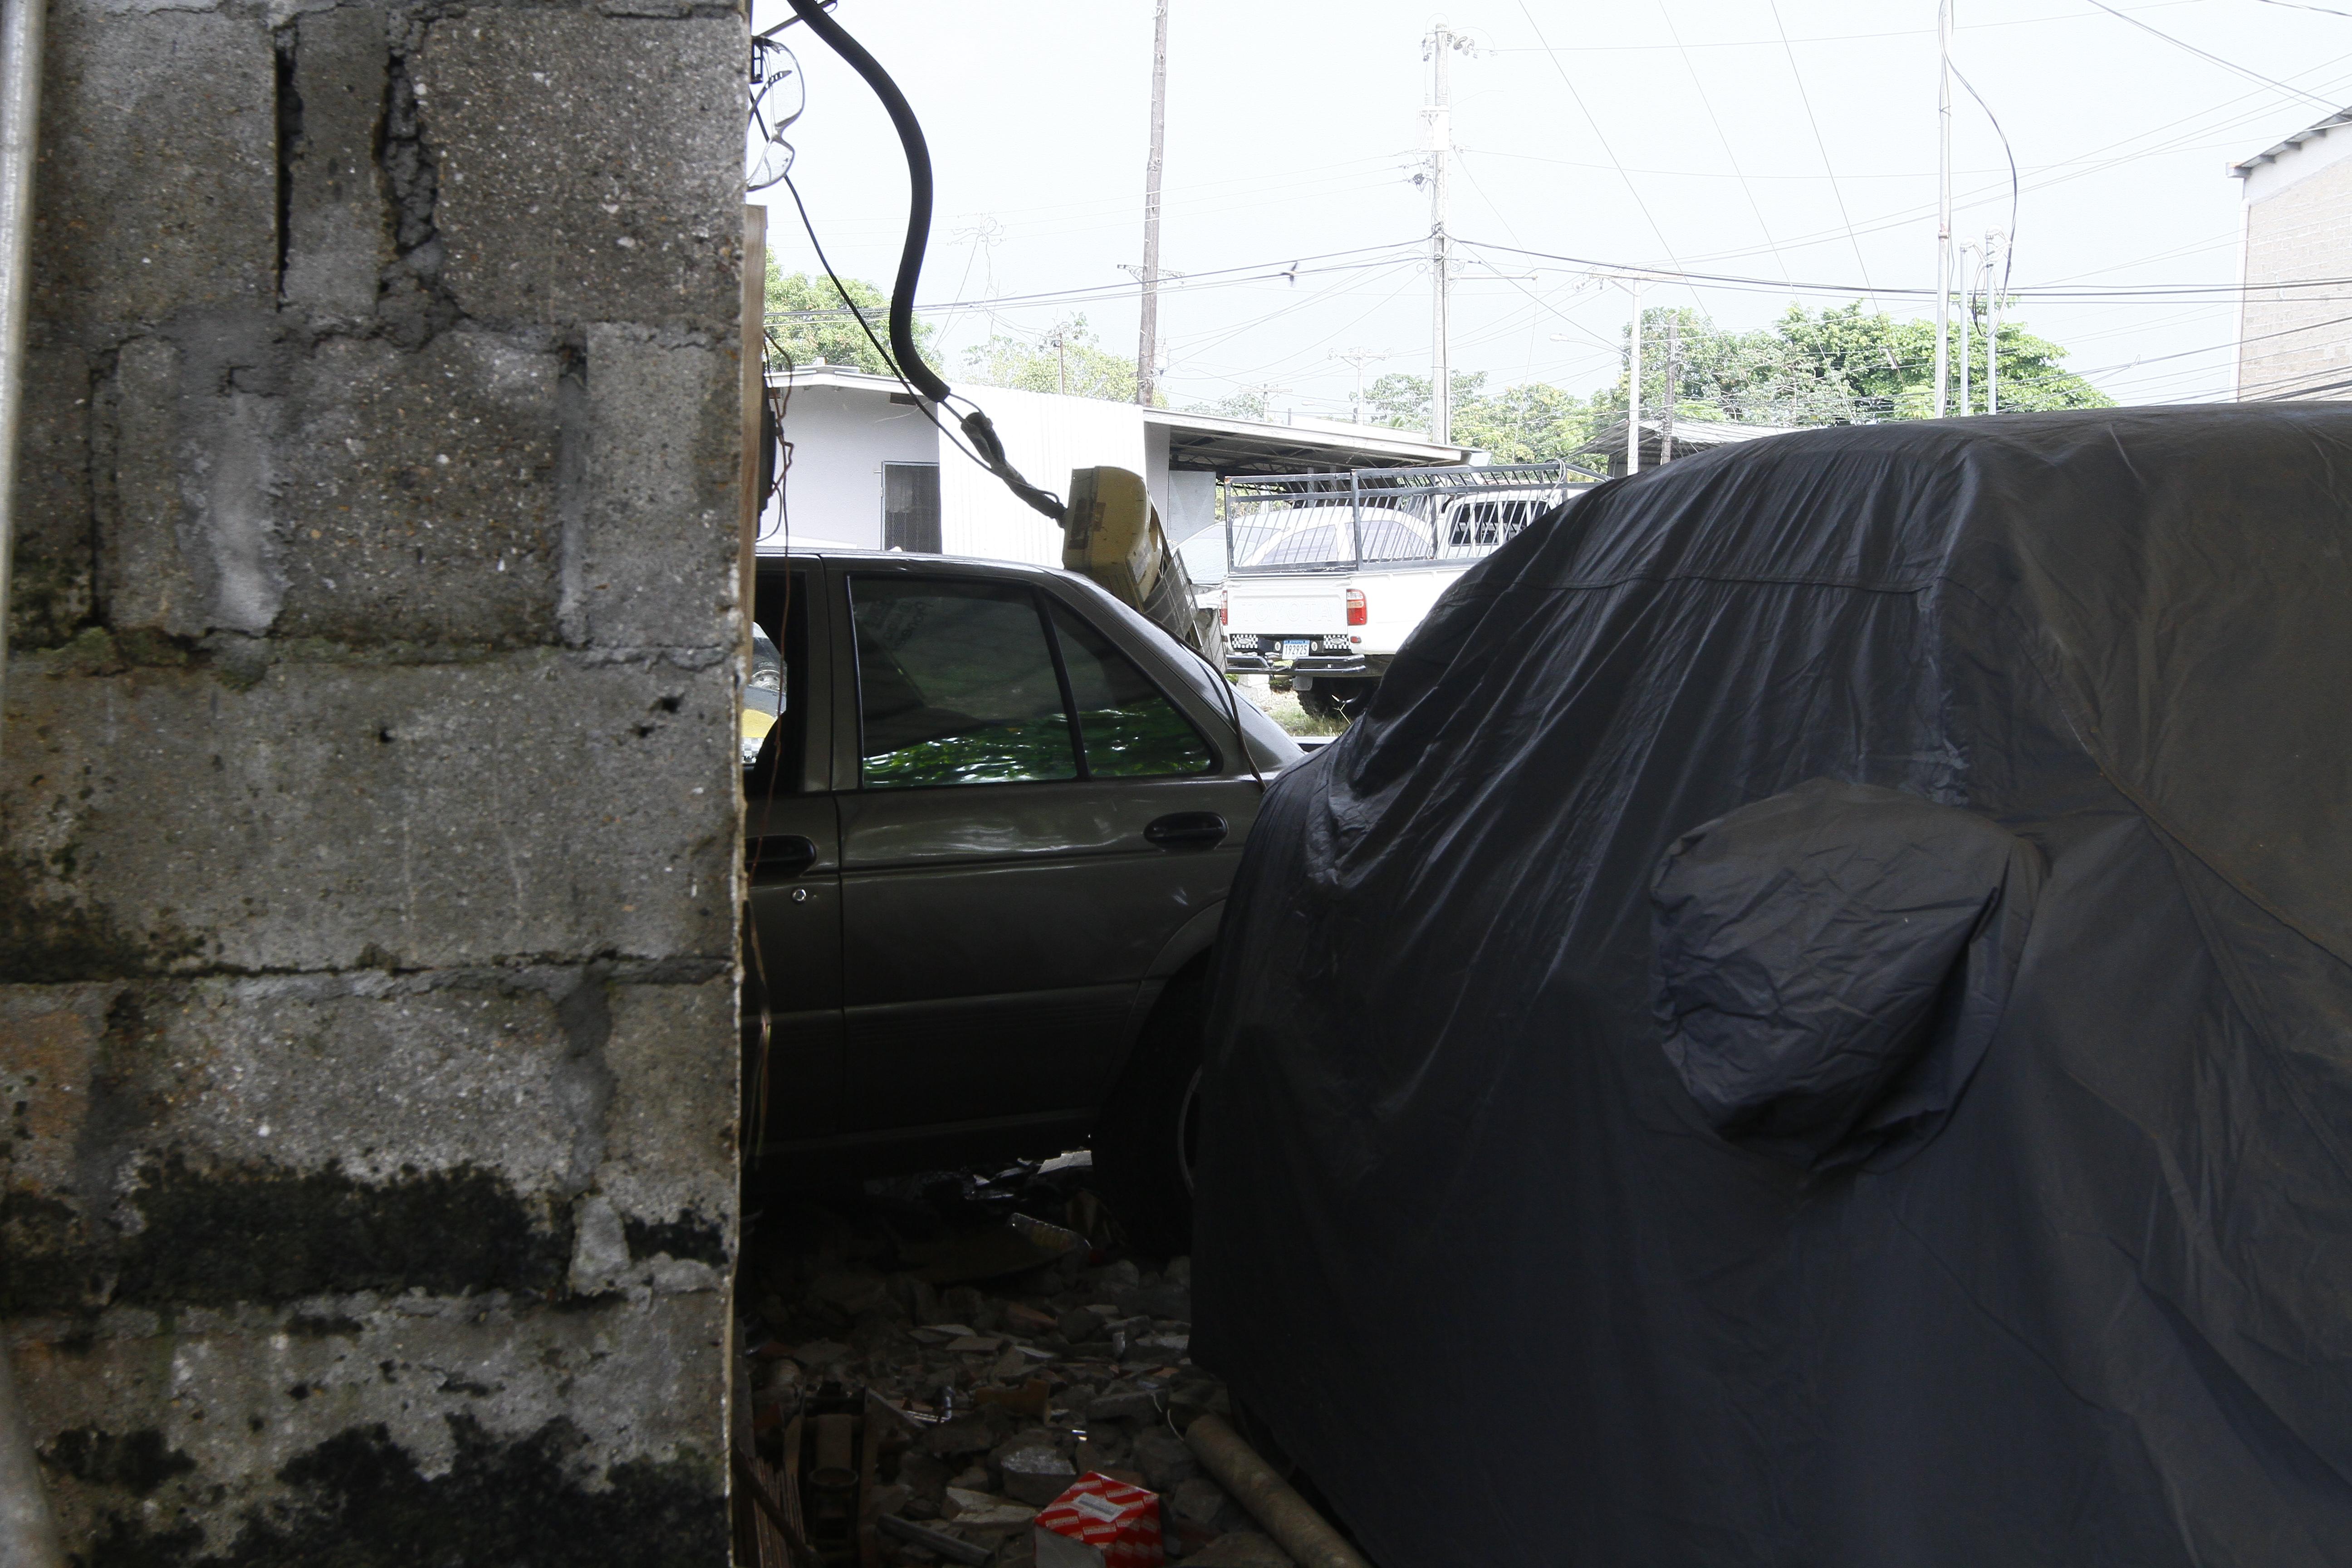 d985c3dab153c Insólito  Una mujer murió atropellada en su cama en Juan Díaz (Video ...